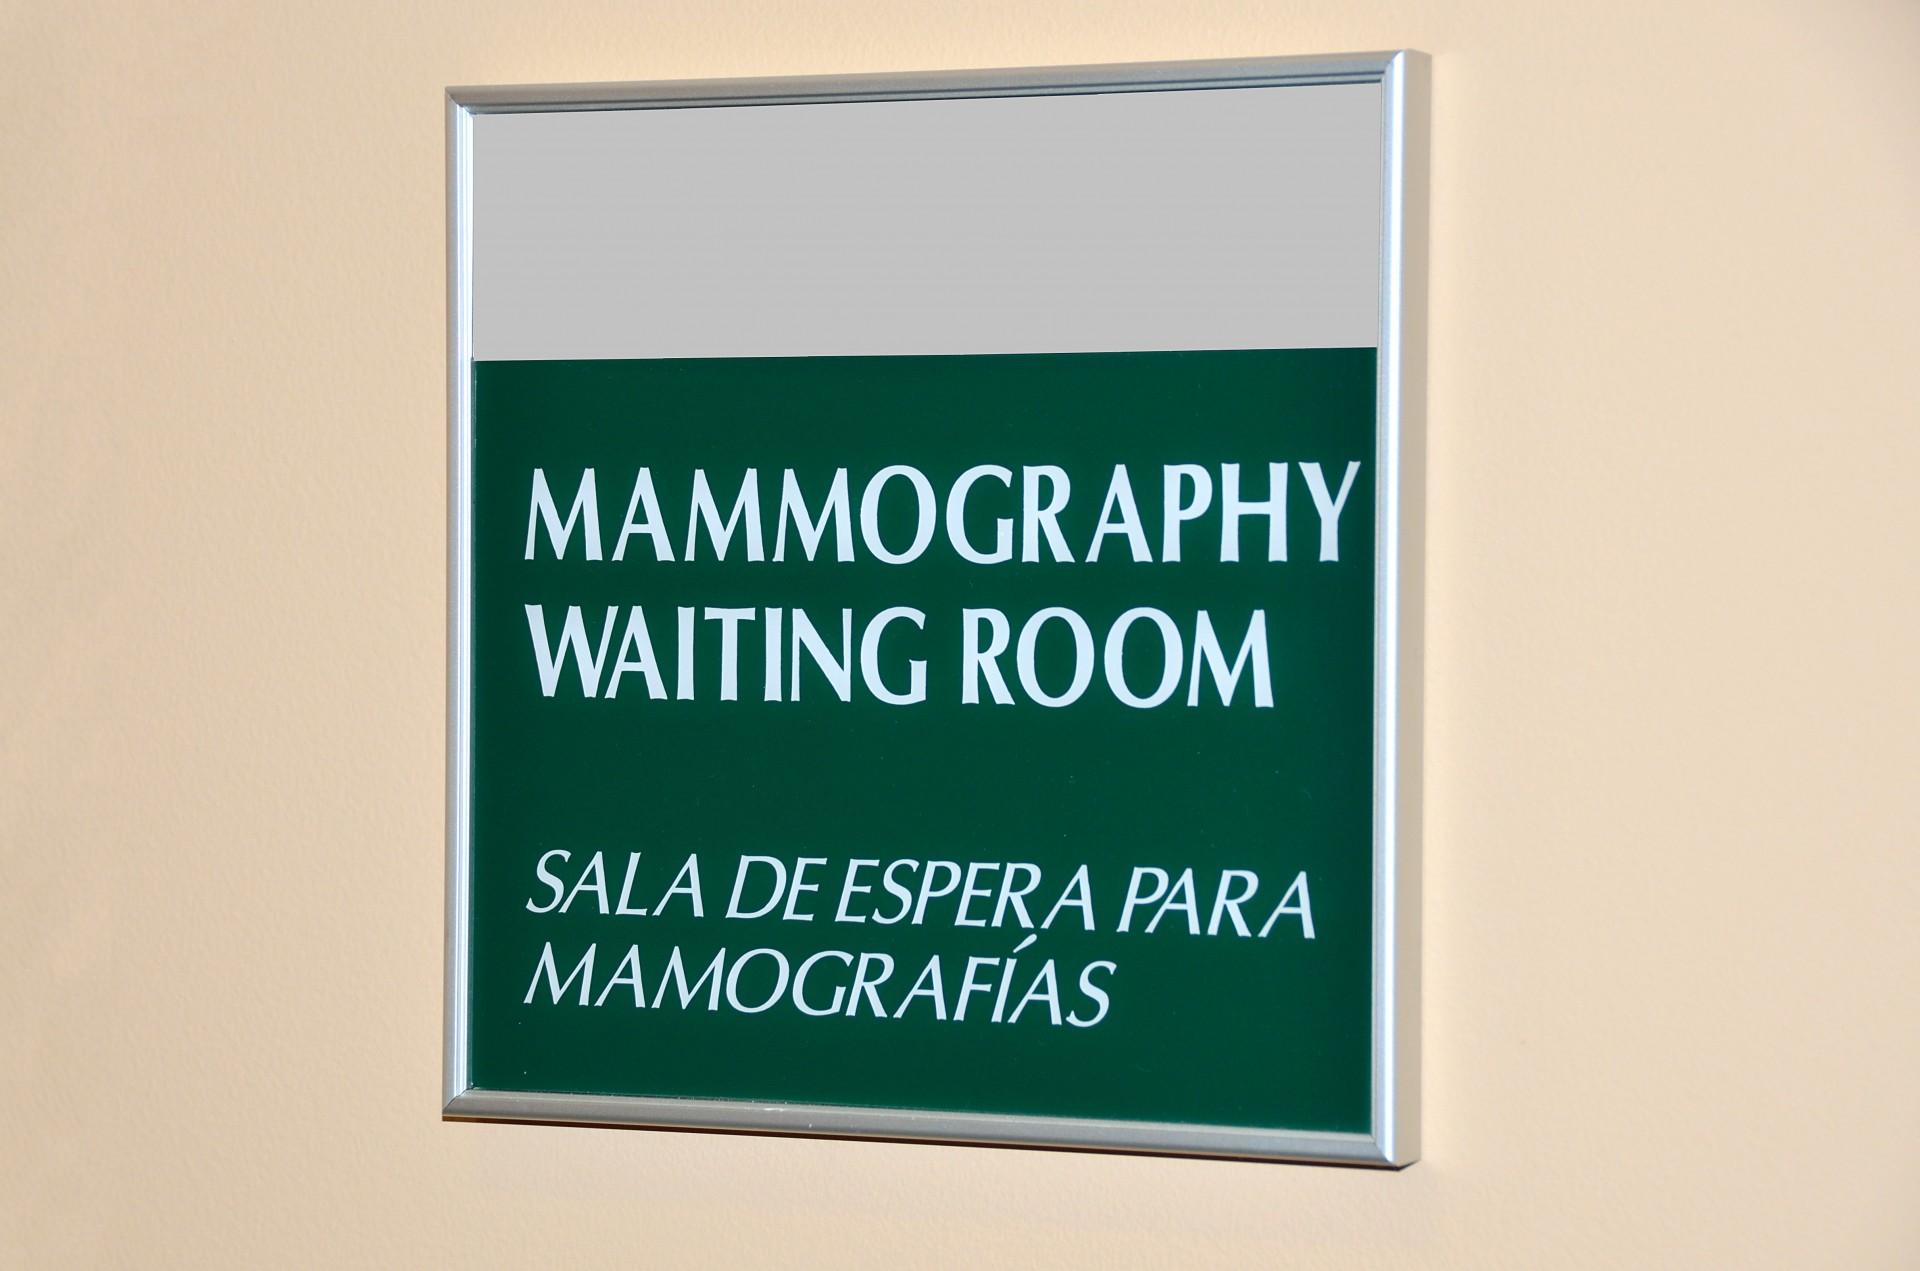 Apúntese para la mamografía